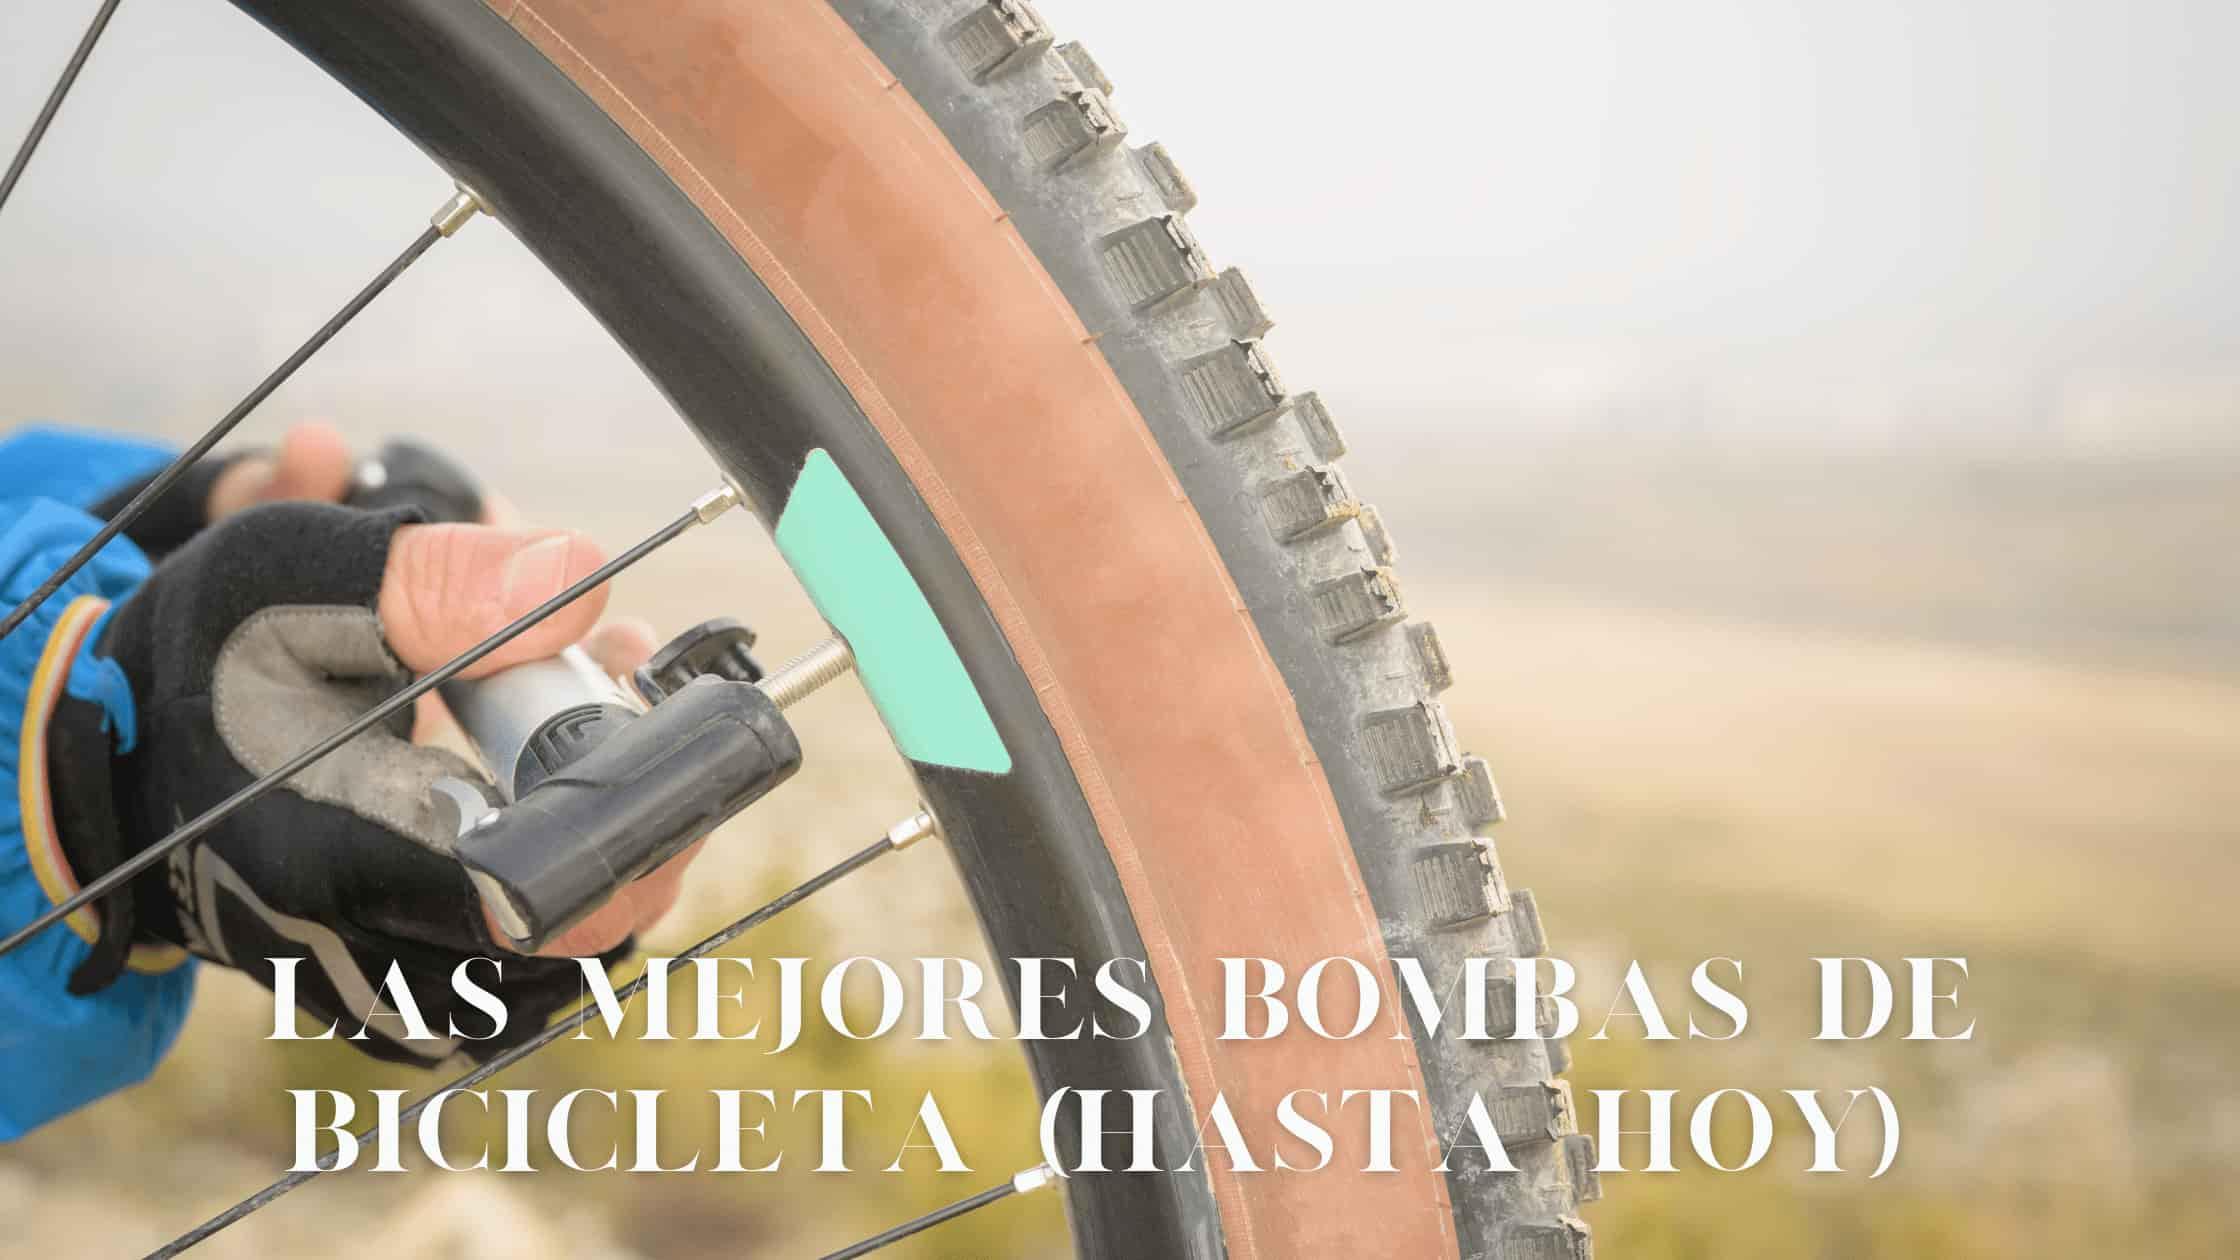 Las mejores bombas de bicicleta